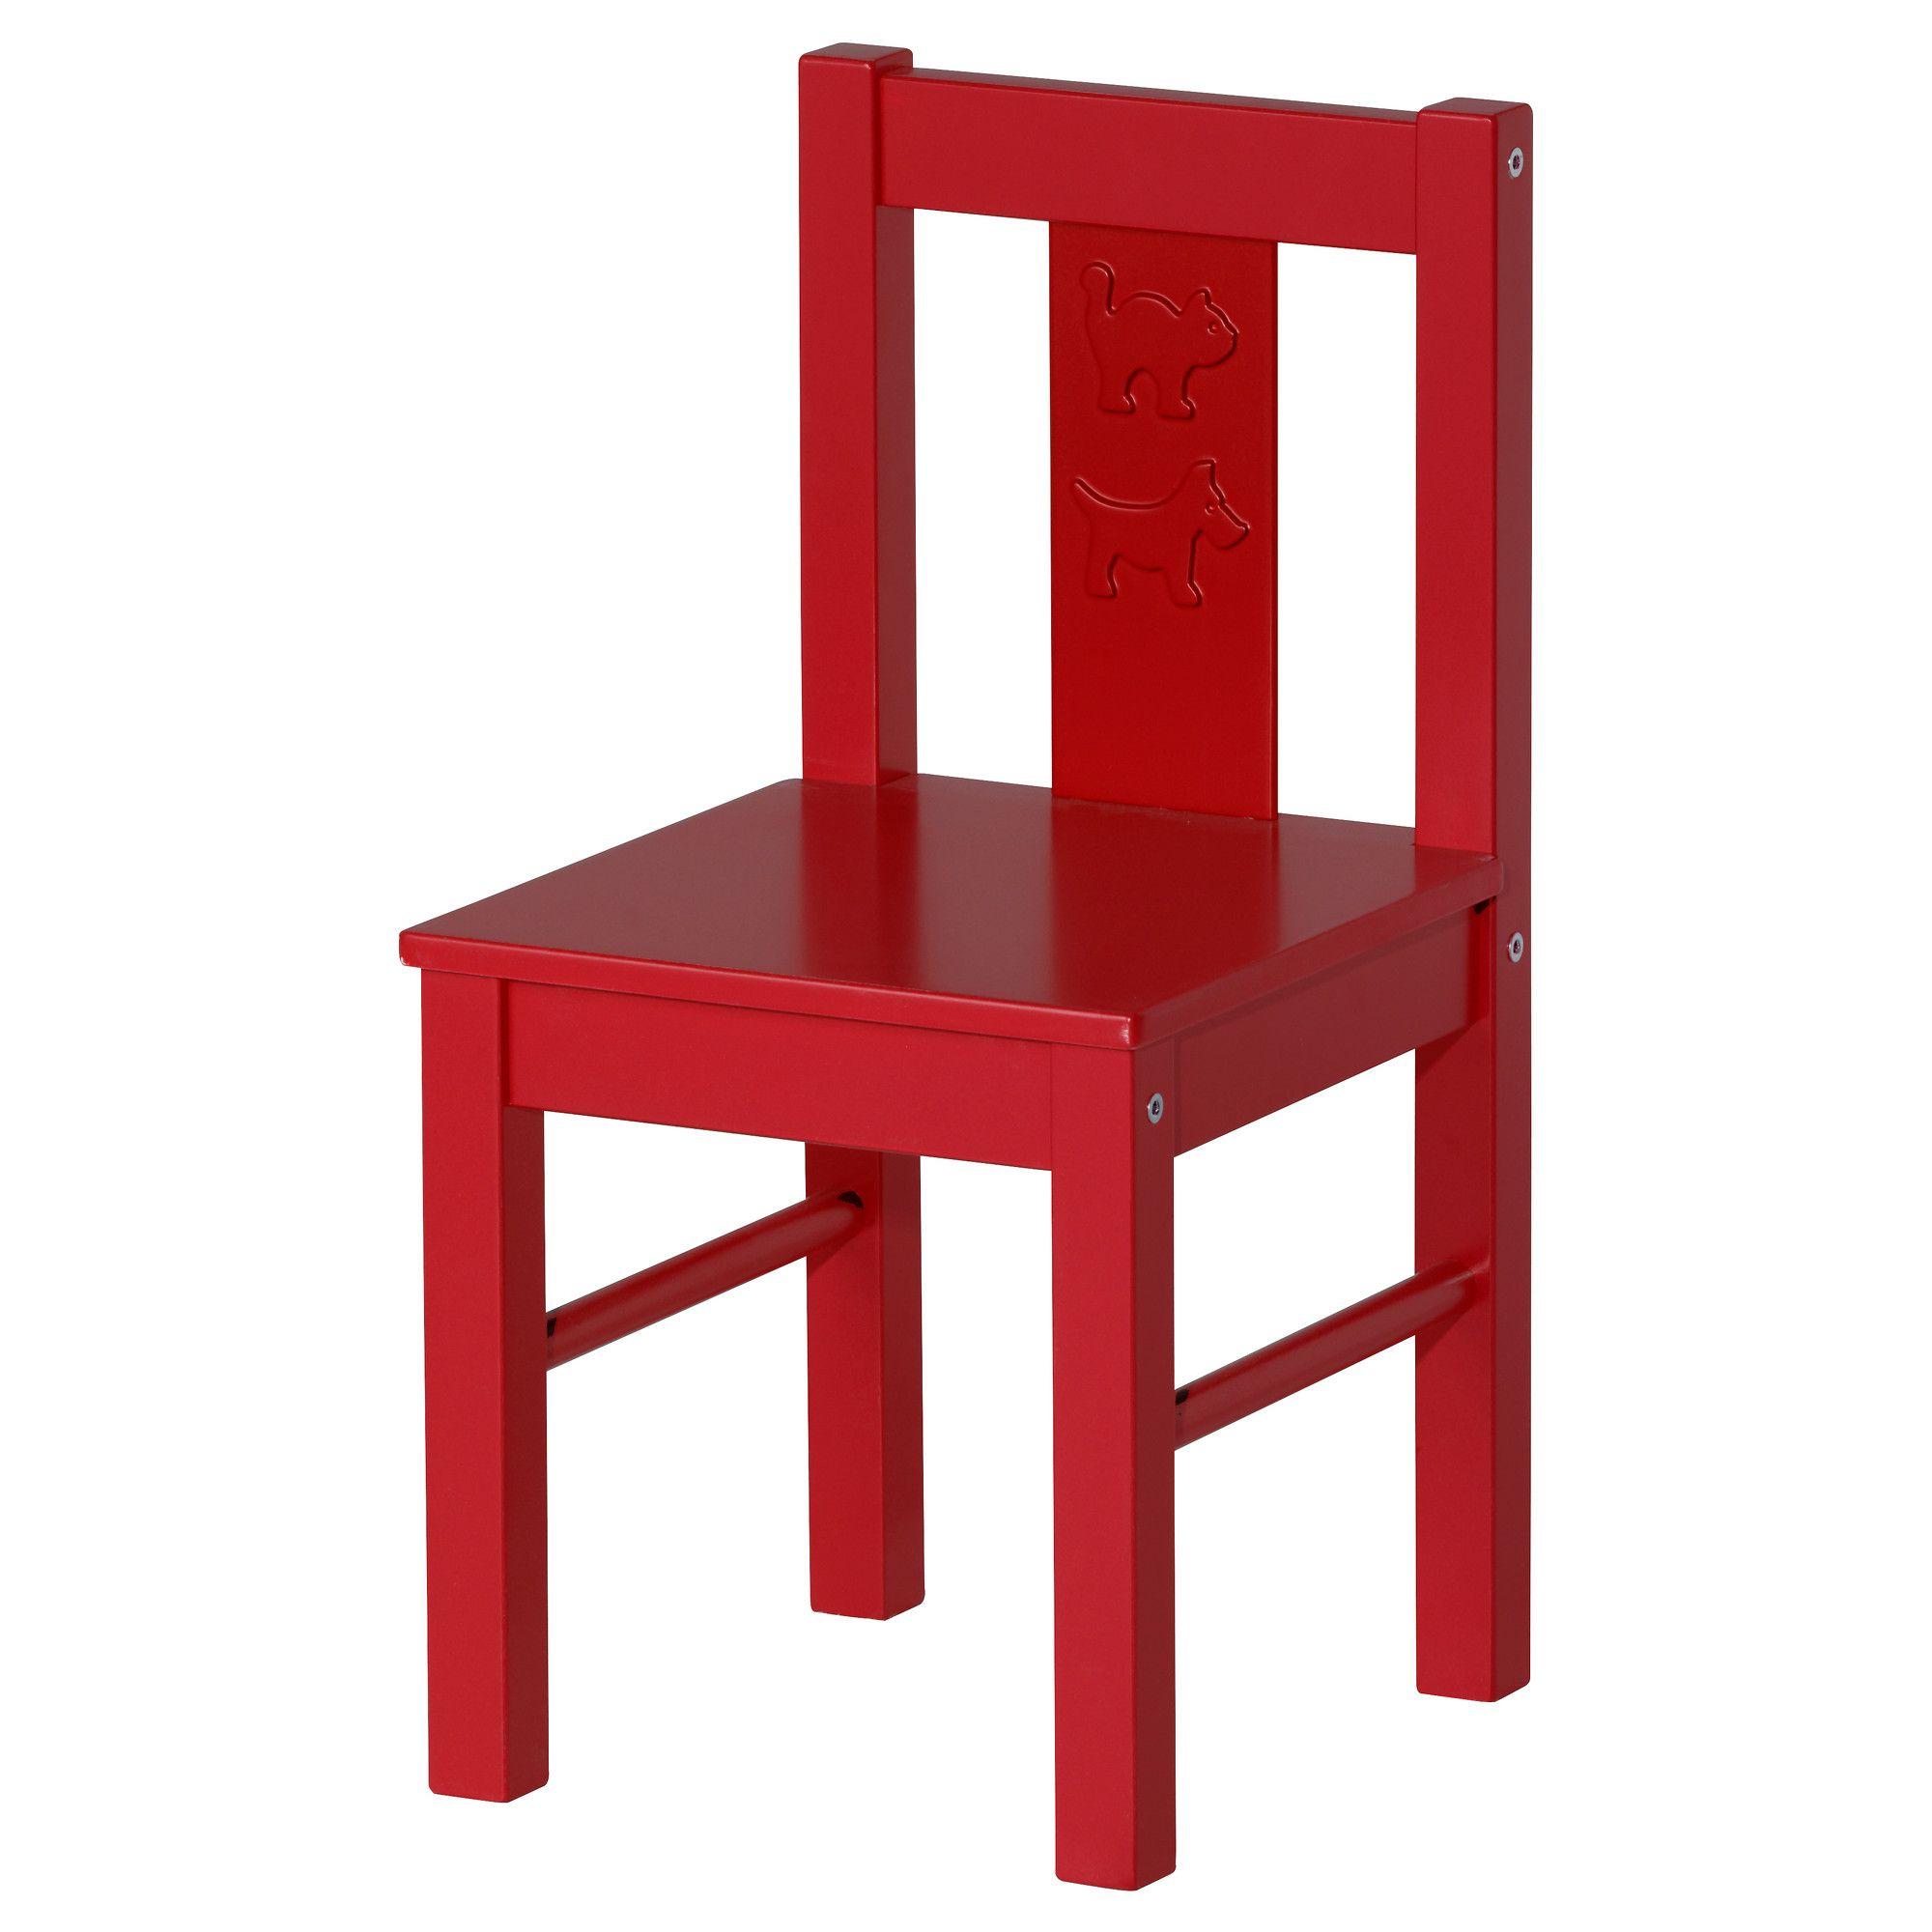 Kritter Children S Chair Red Ikea 12 99 Ideas Pinterest # Muebles Roles Mesillas